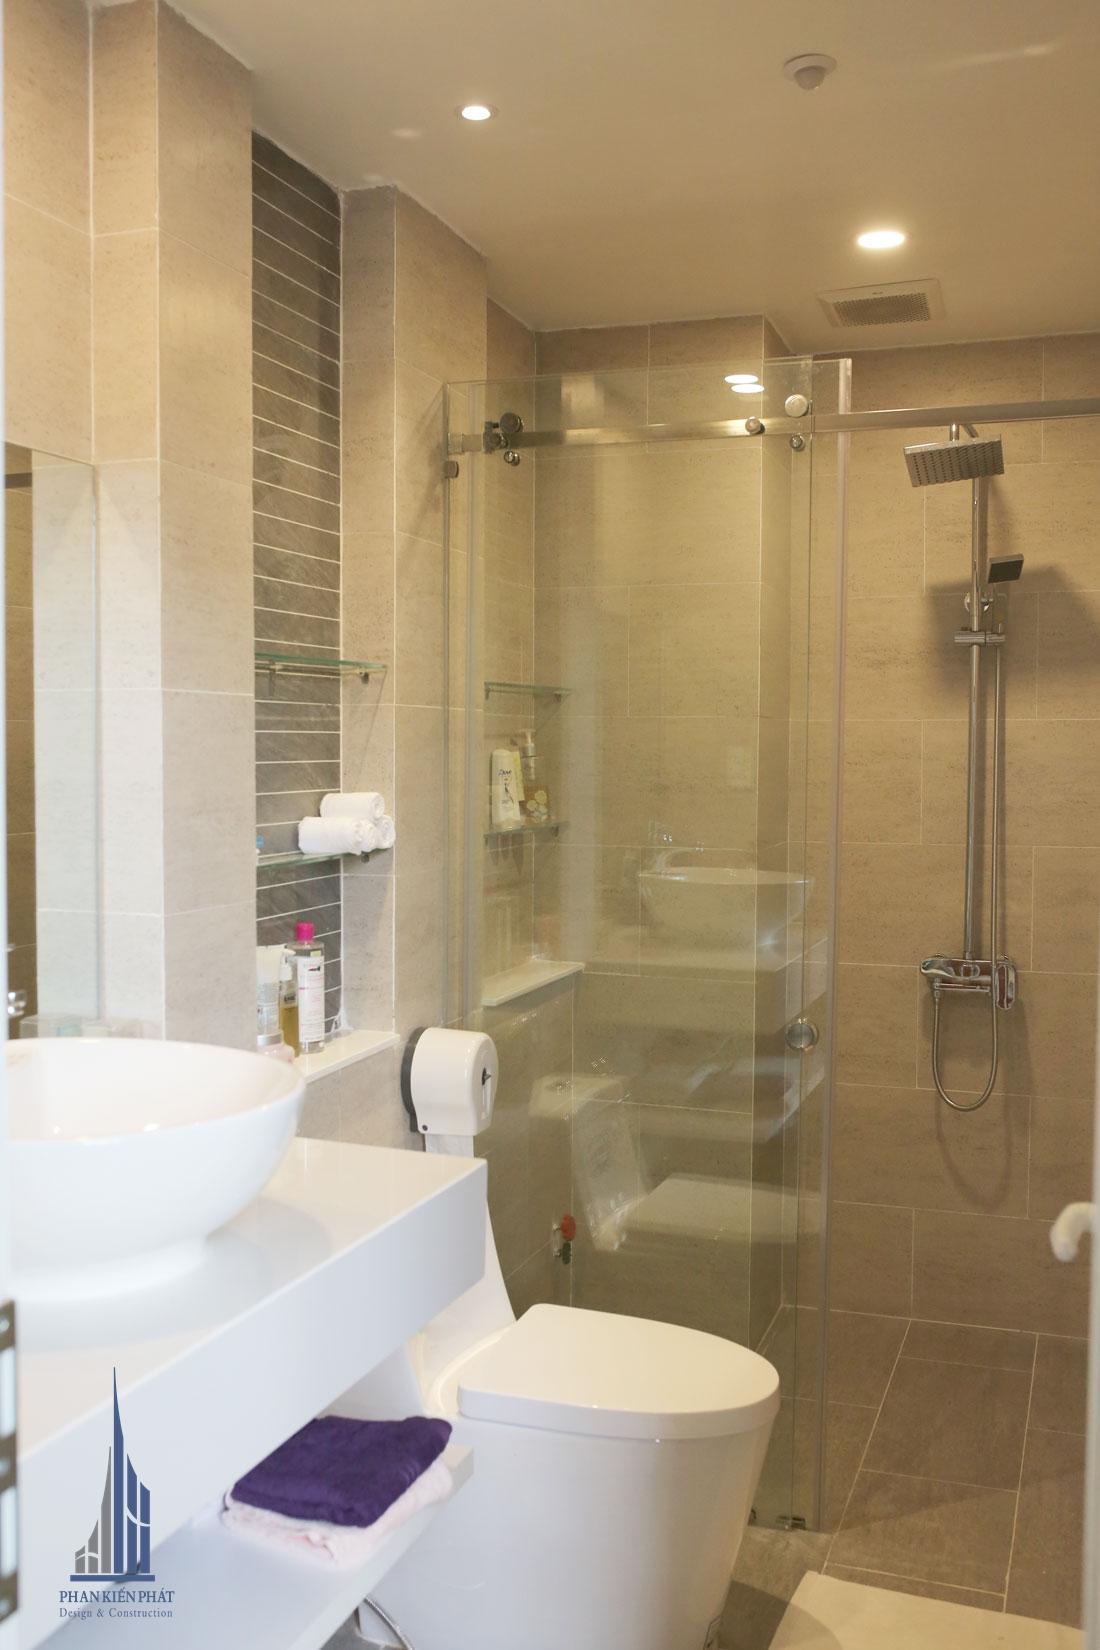 Phòng vệ sinh với gam màu vàng cam tạo cảm giác ấm áp